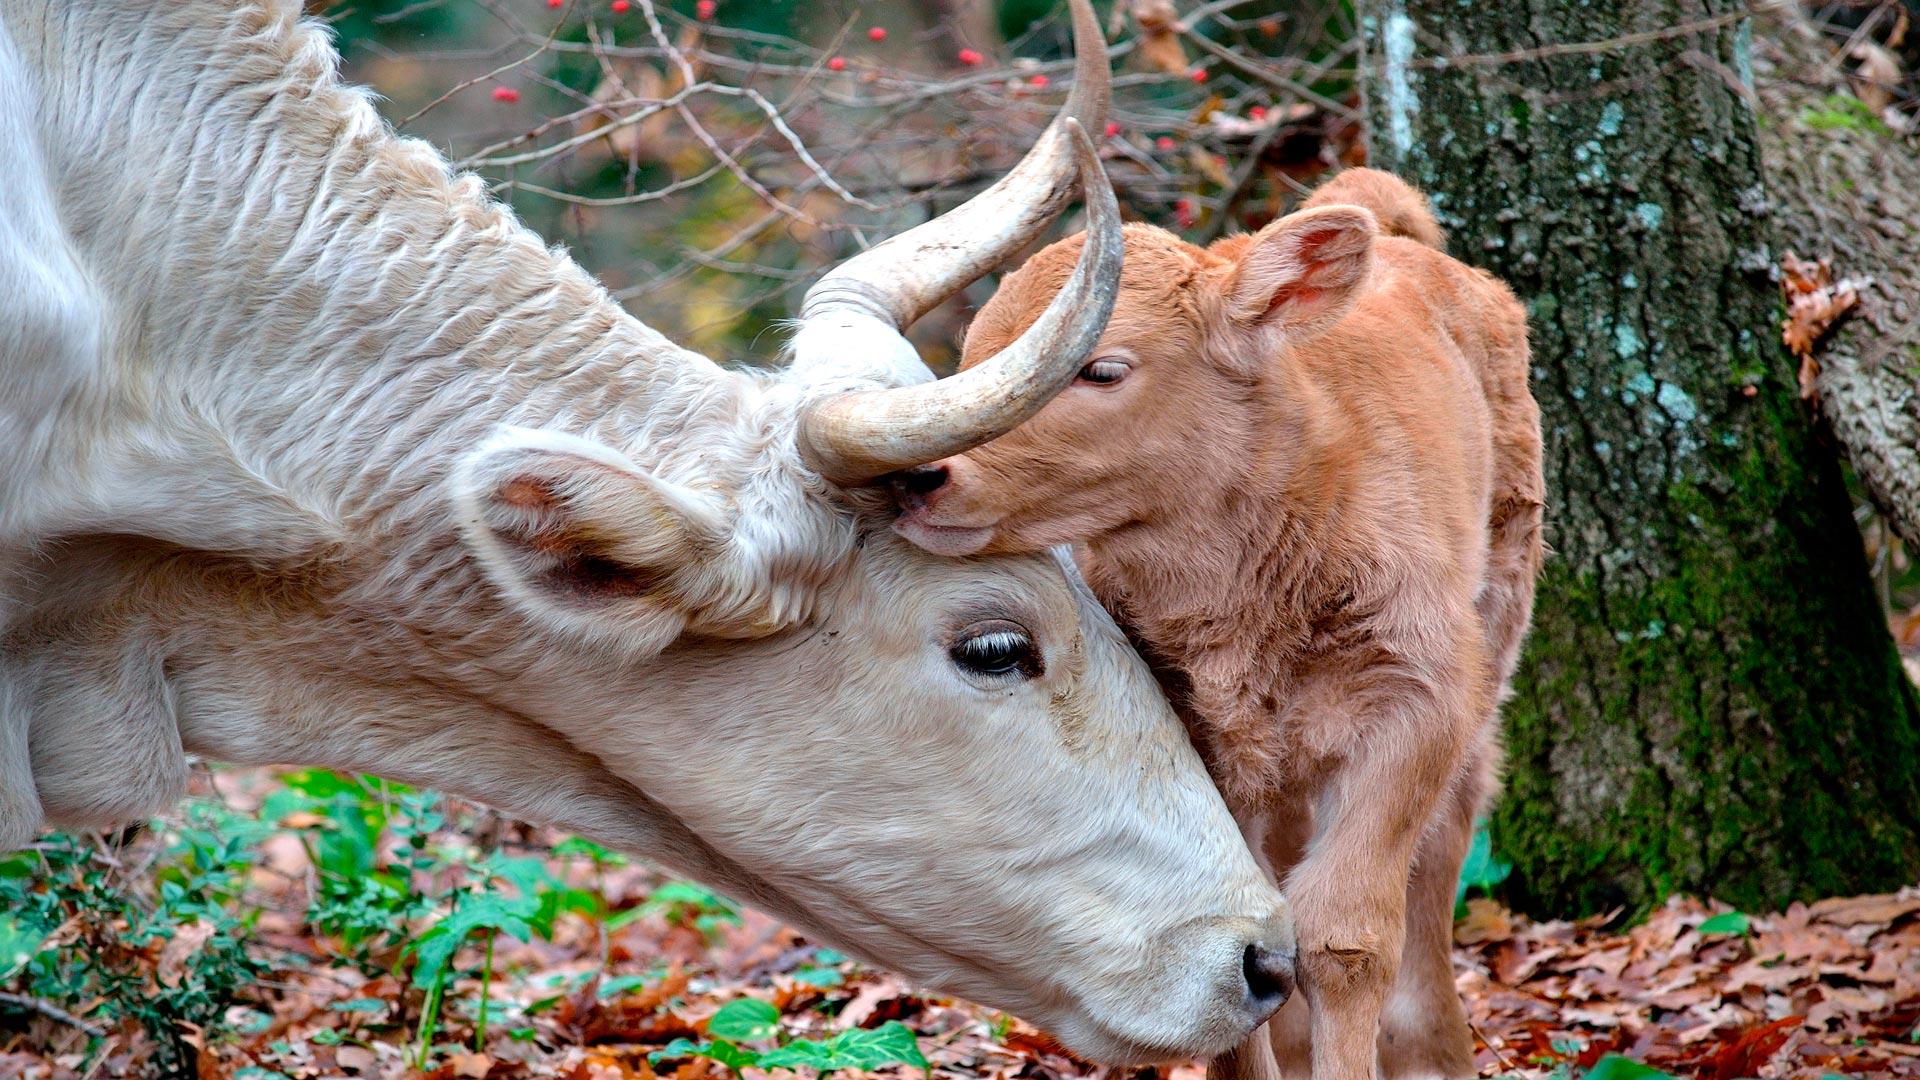 Las-vacas-ya-pueden-avisar-al-ganadero-vía-móvil-de-que-van-a-parir-en-una-hora-1920